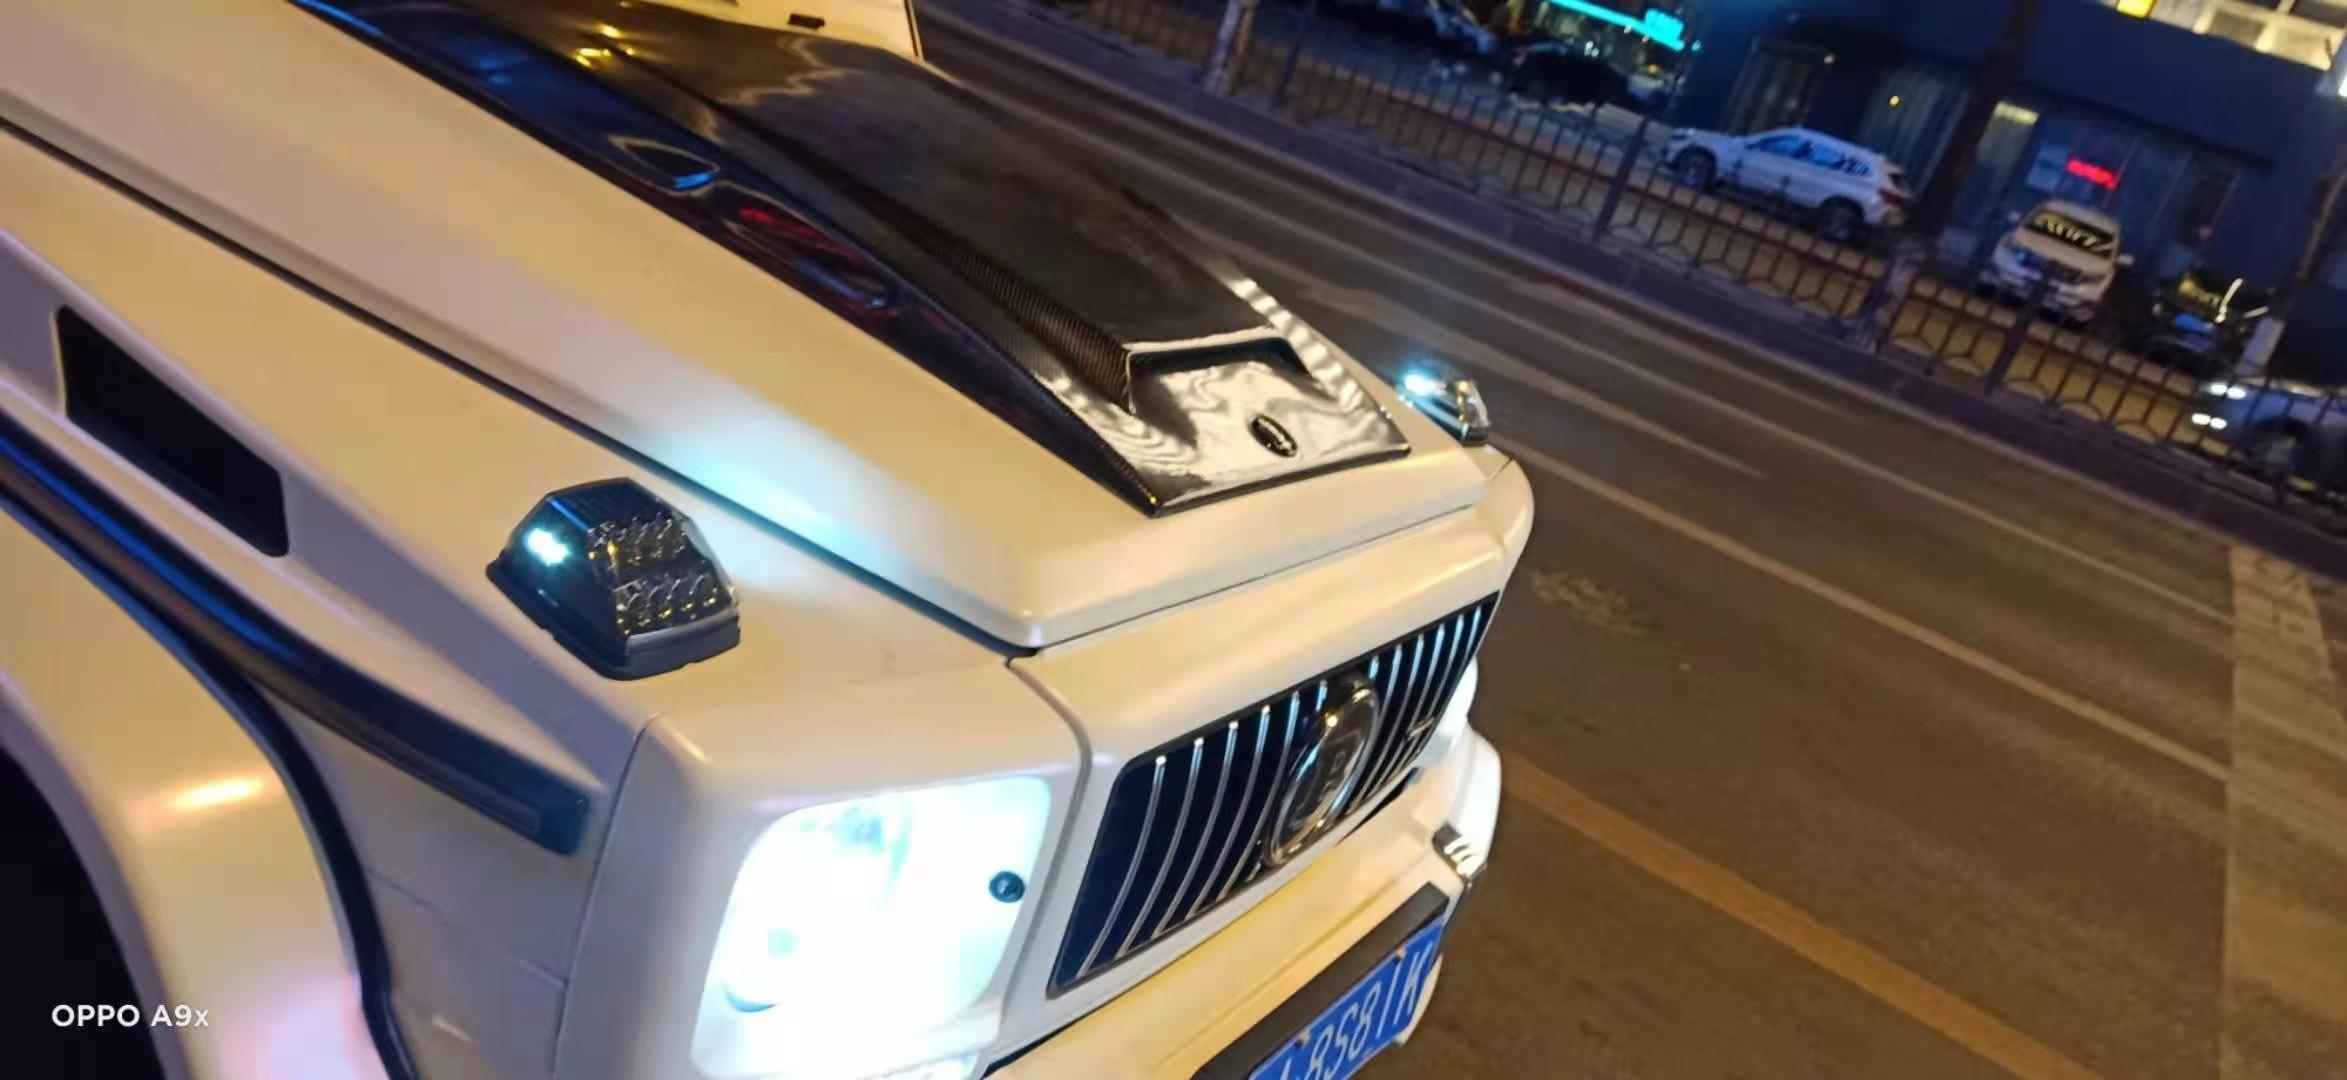 男子伪造驾驶证无证驾驶改装车上路 被长春南关交警查获